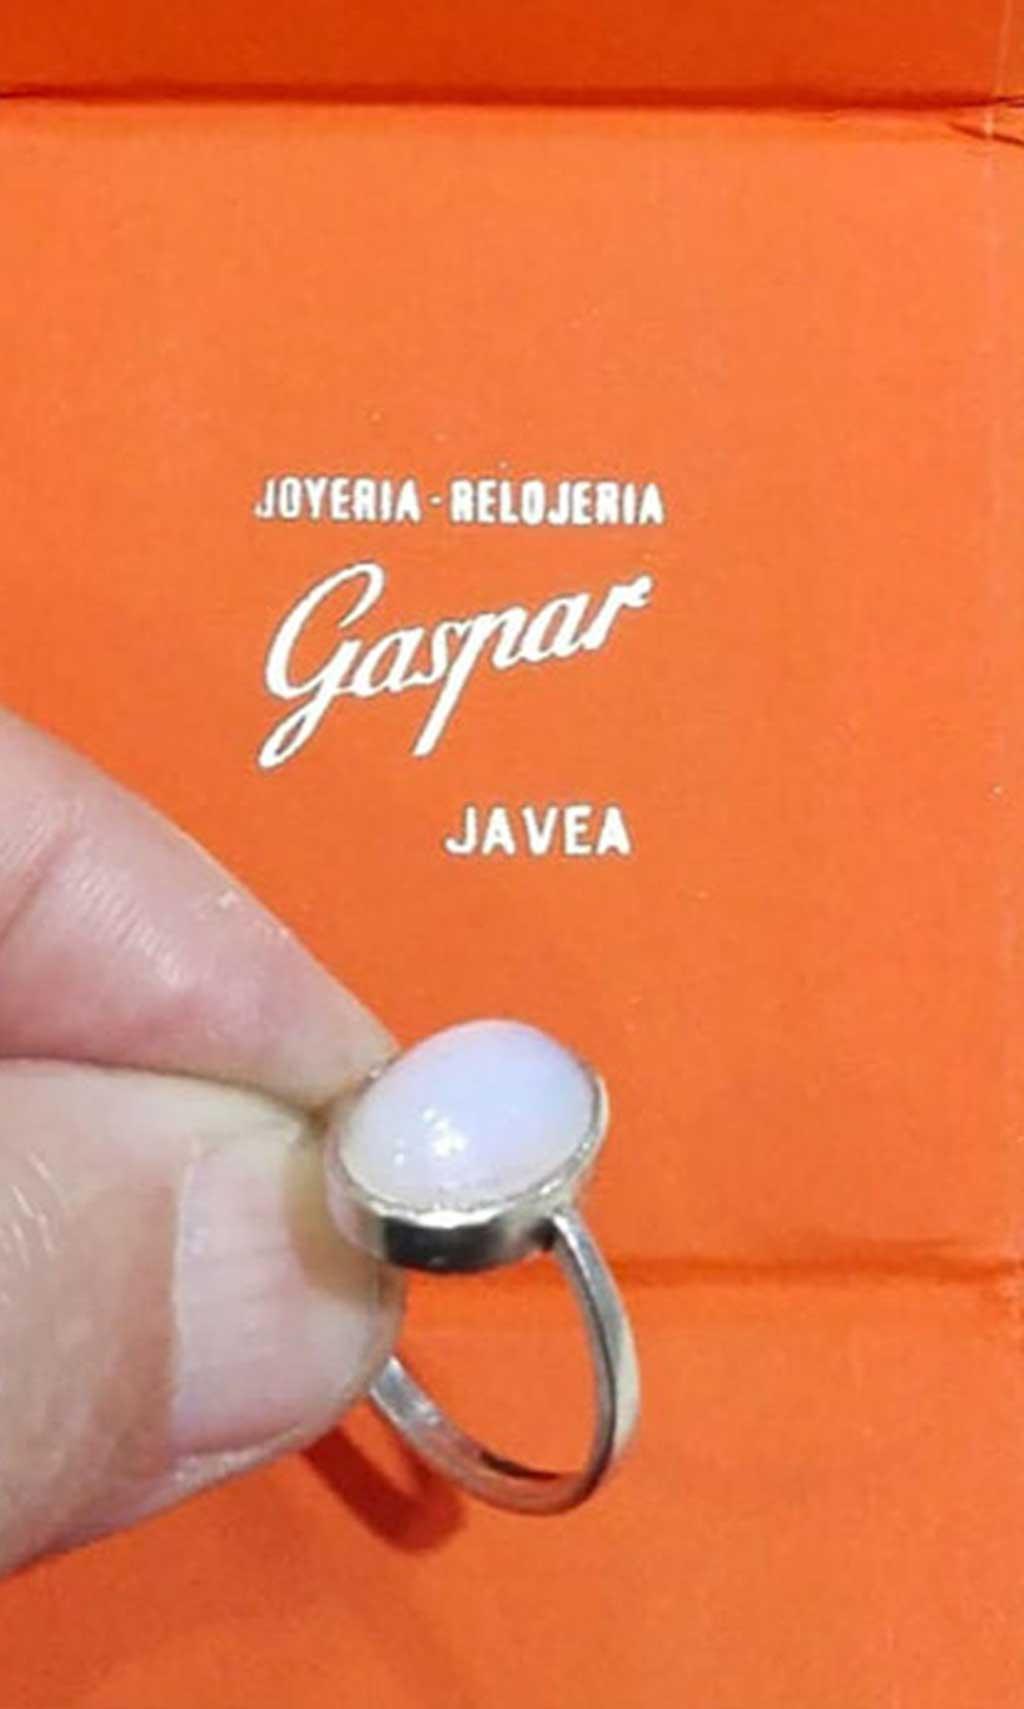 Piedra-Ópalo Joyería-Relojería Gaspar Buigues